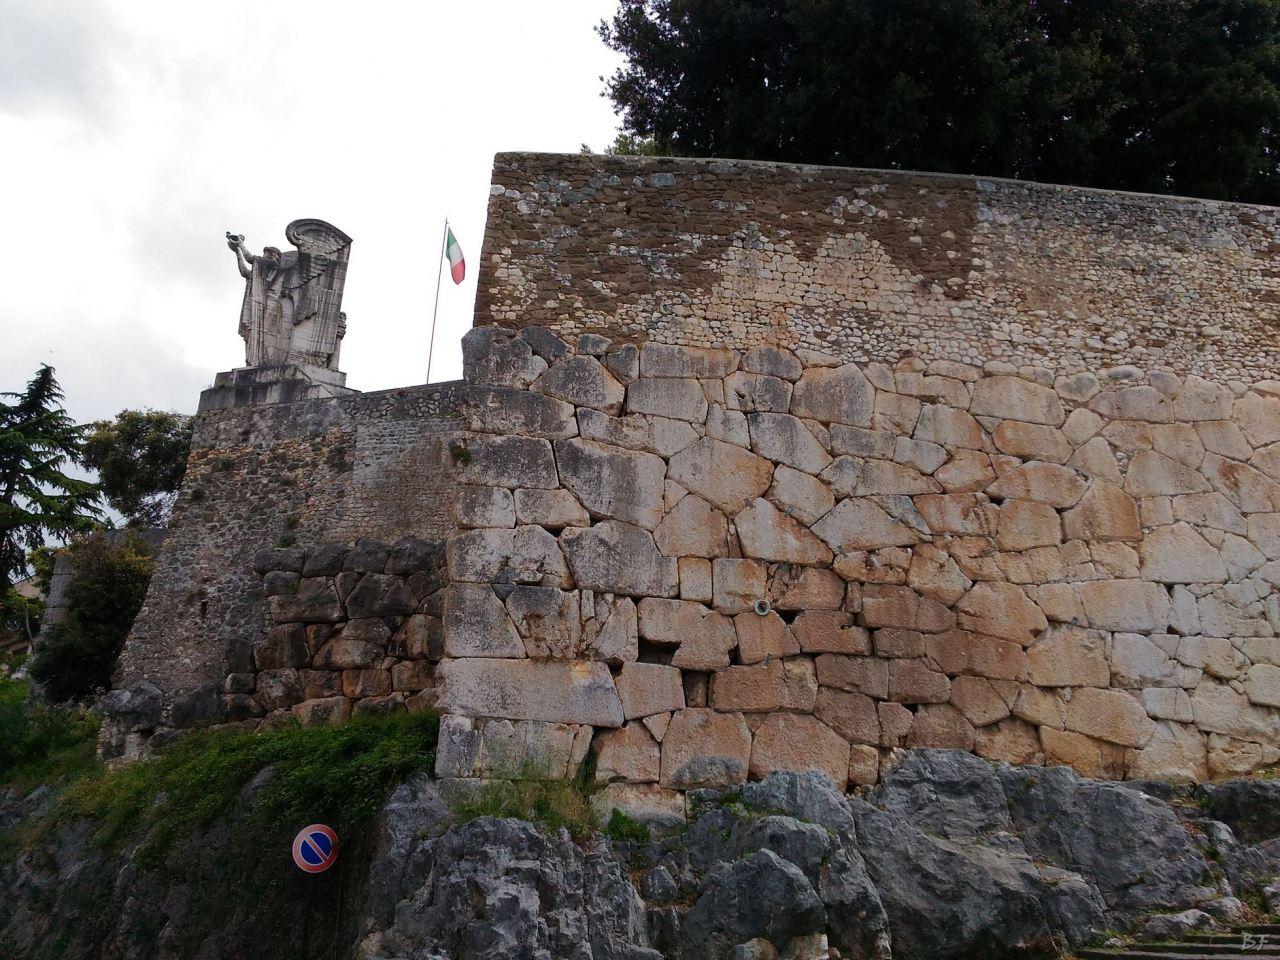 Cora-Mura-Poligonali-Megalitiche-Cori-Latina-Lazio-Italia-1